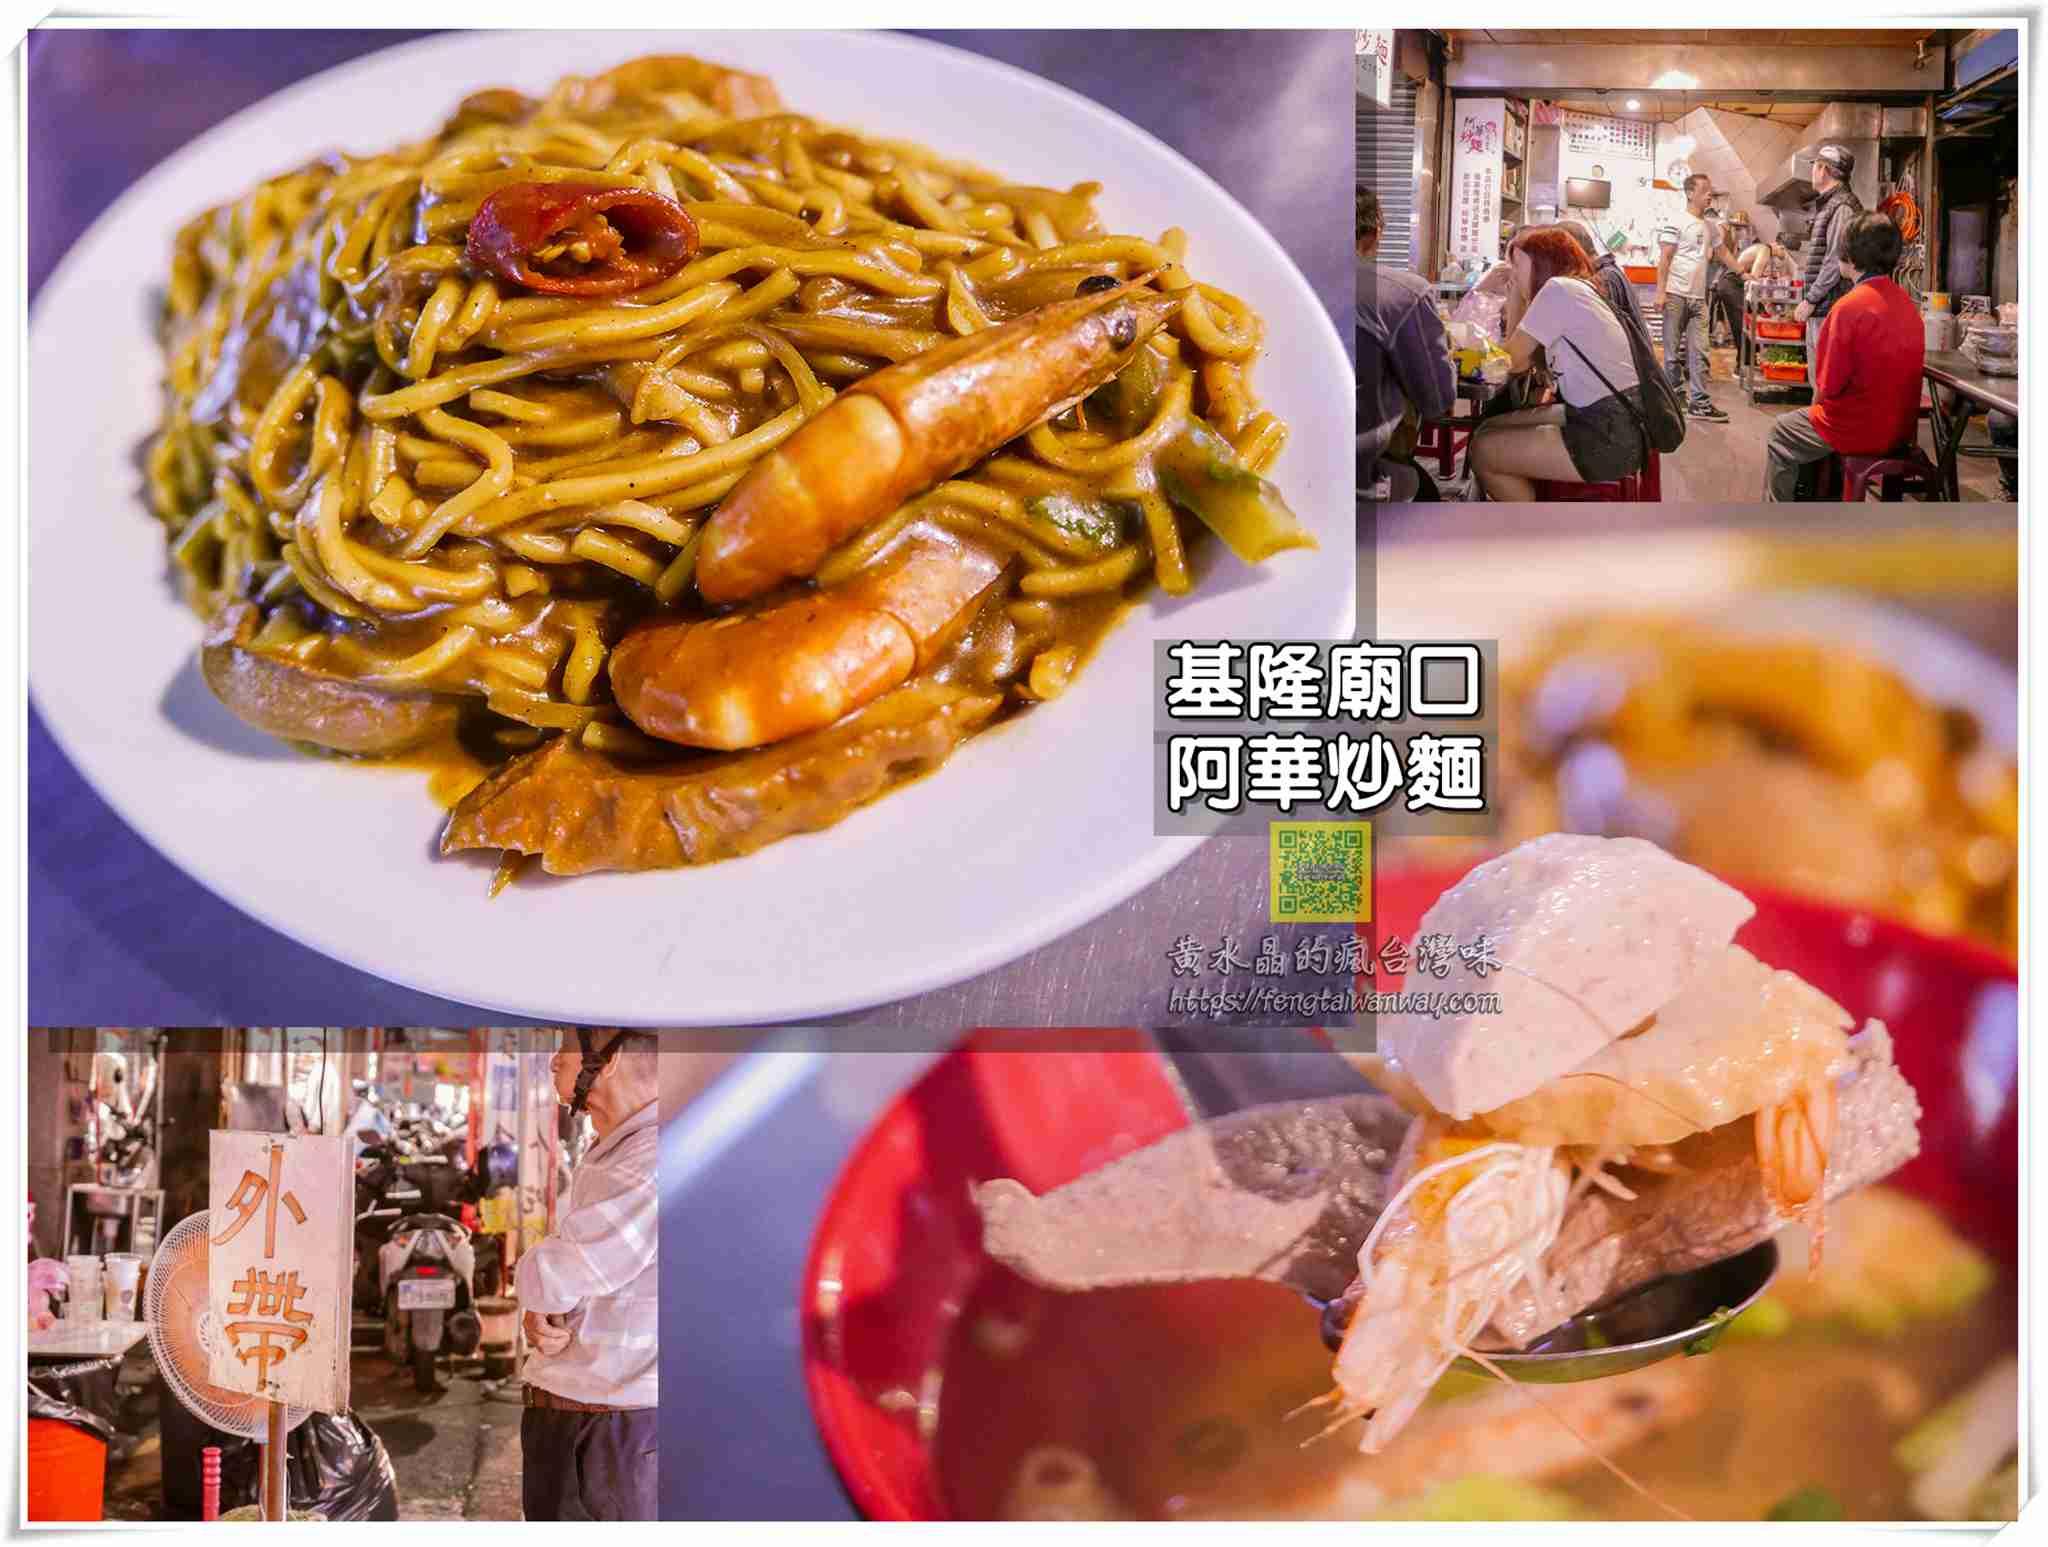 阿華炒麵【基隆美食】|基隆廟口商圈被推爆的超人氣咖哩炒麵;午餐一路賣到隔日清晨